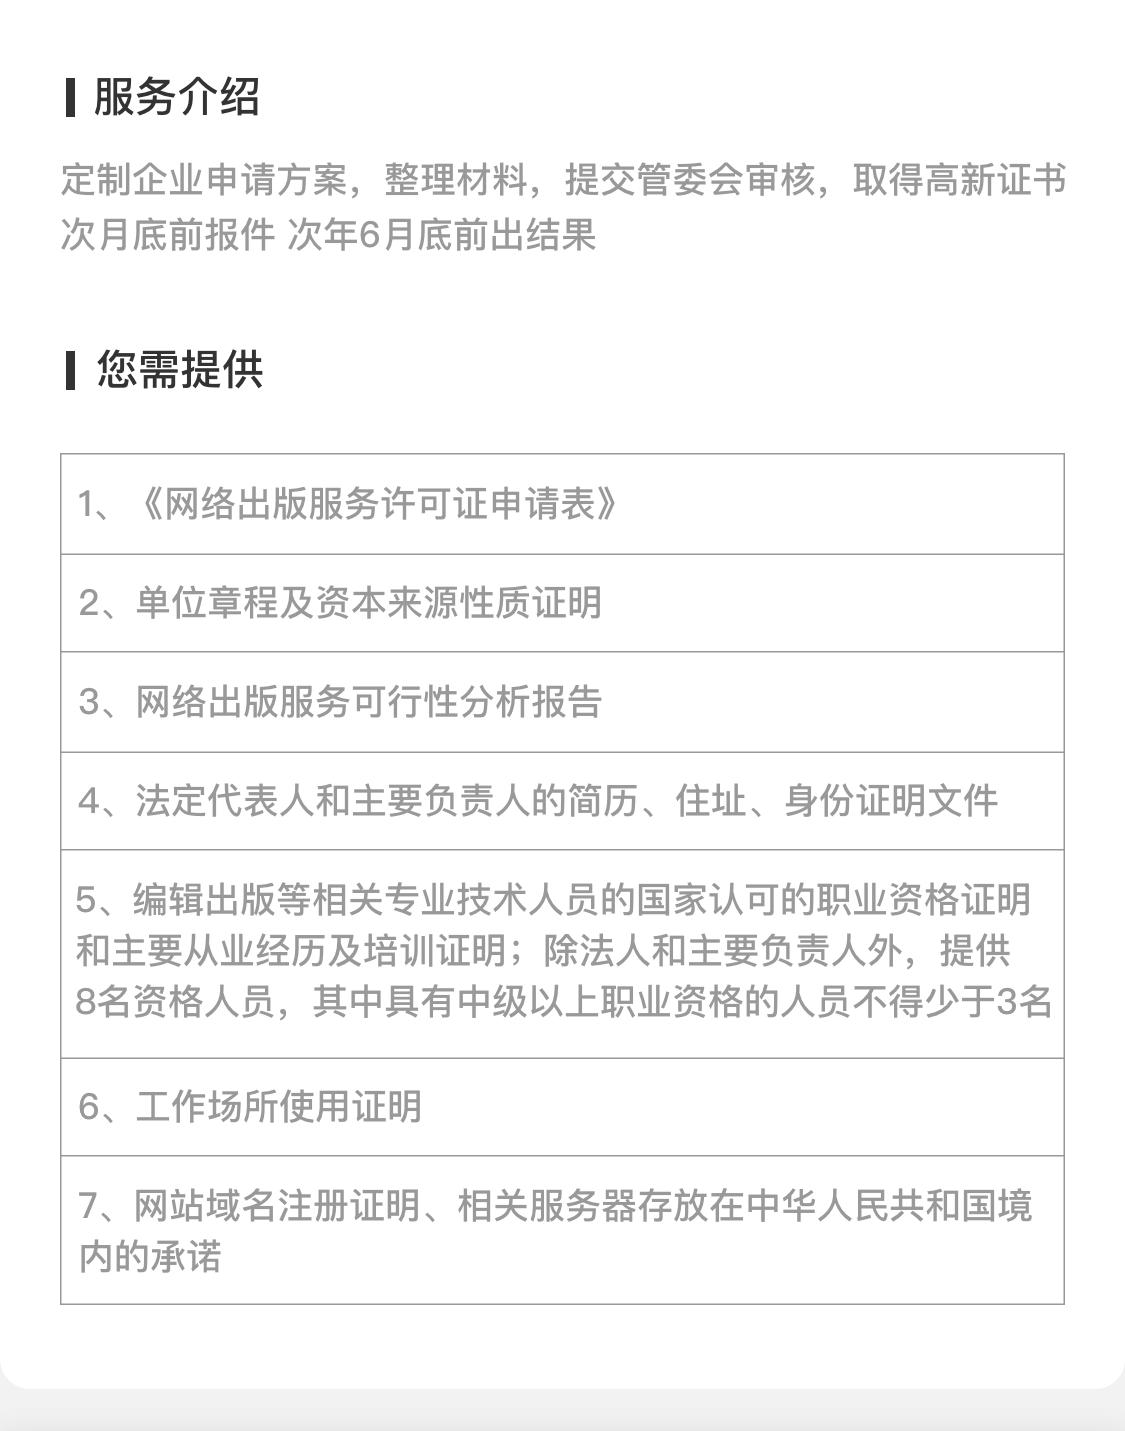 网络文化经营许可证.png